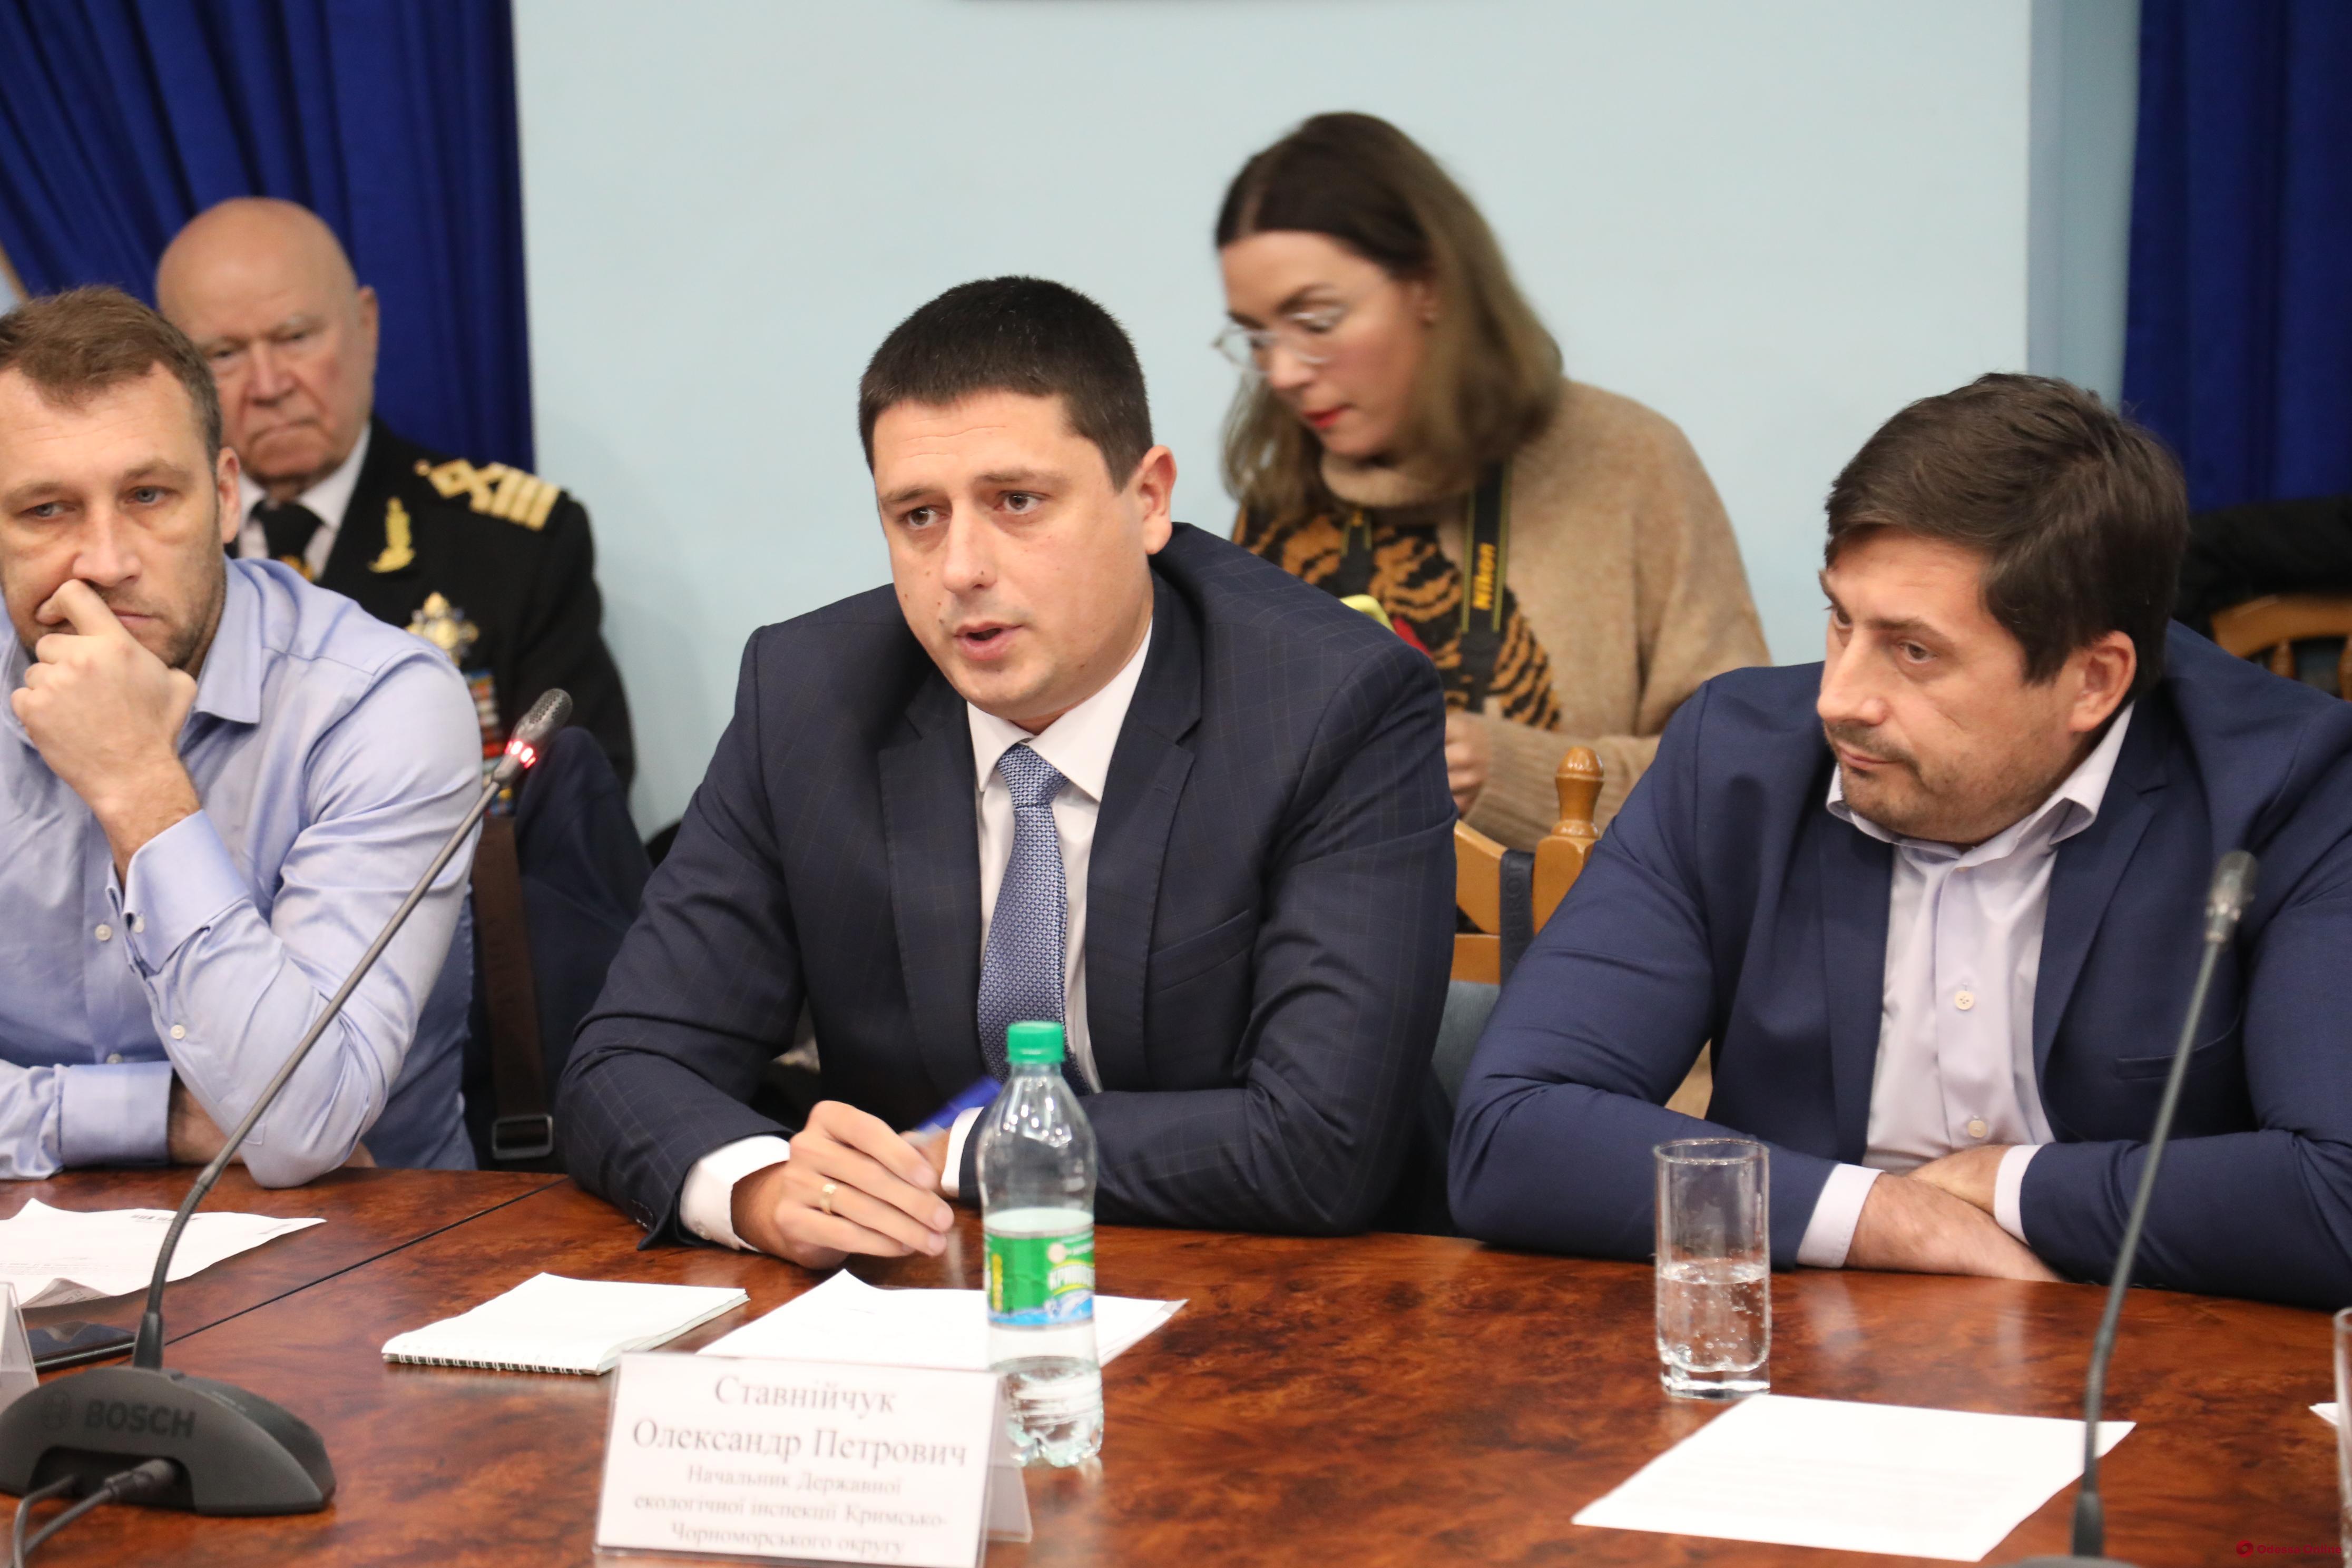 Руководителю экологической инспекции в Одесской области предложили уйти, чтобы «не выносить с креслом»